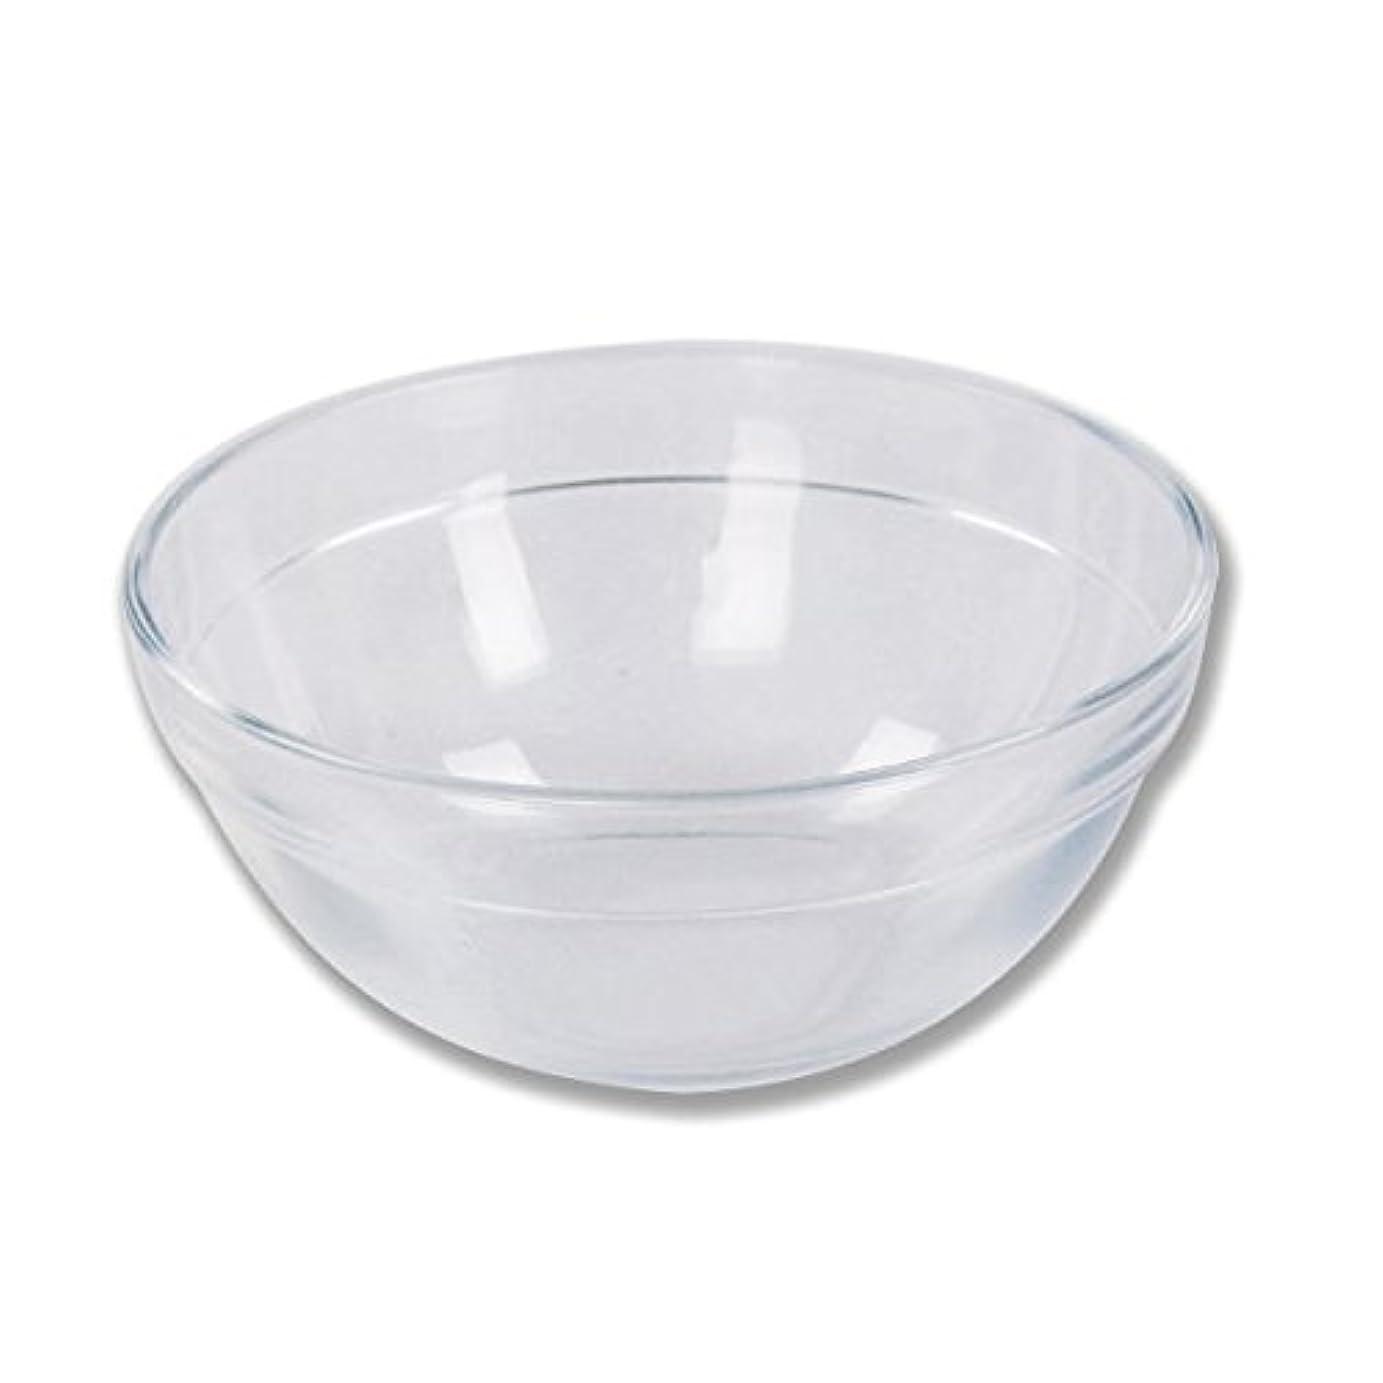 強大な苦悩リスクガラスボウル (XLサイズ) [ ガラスボール カップボウル カップボール エステ サロン ガラス ボウル カップ 高級感 ]